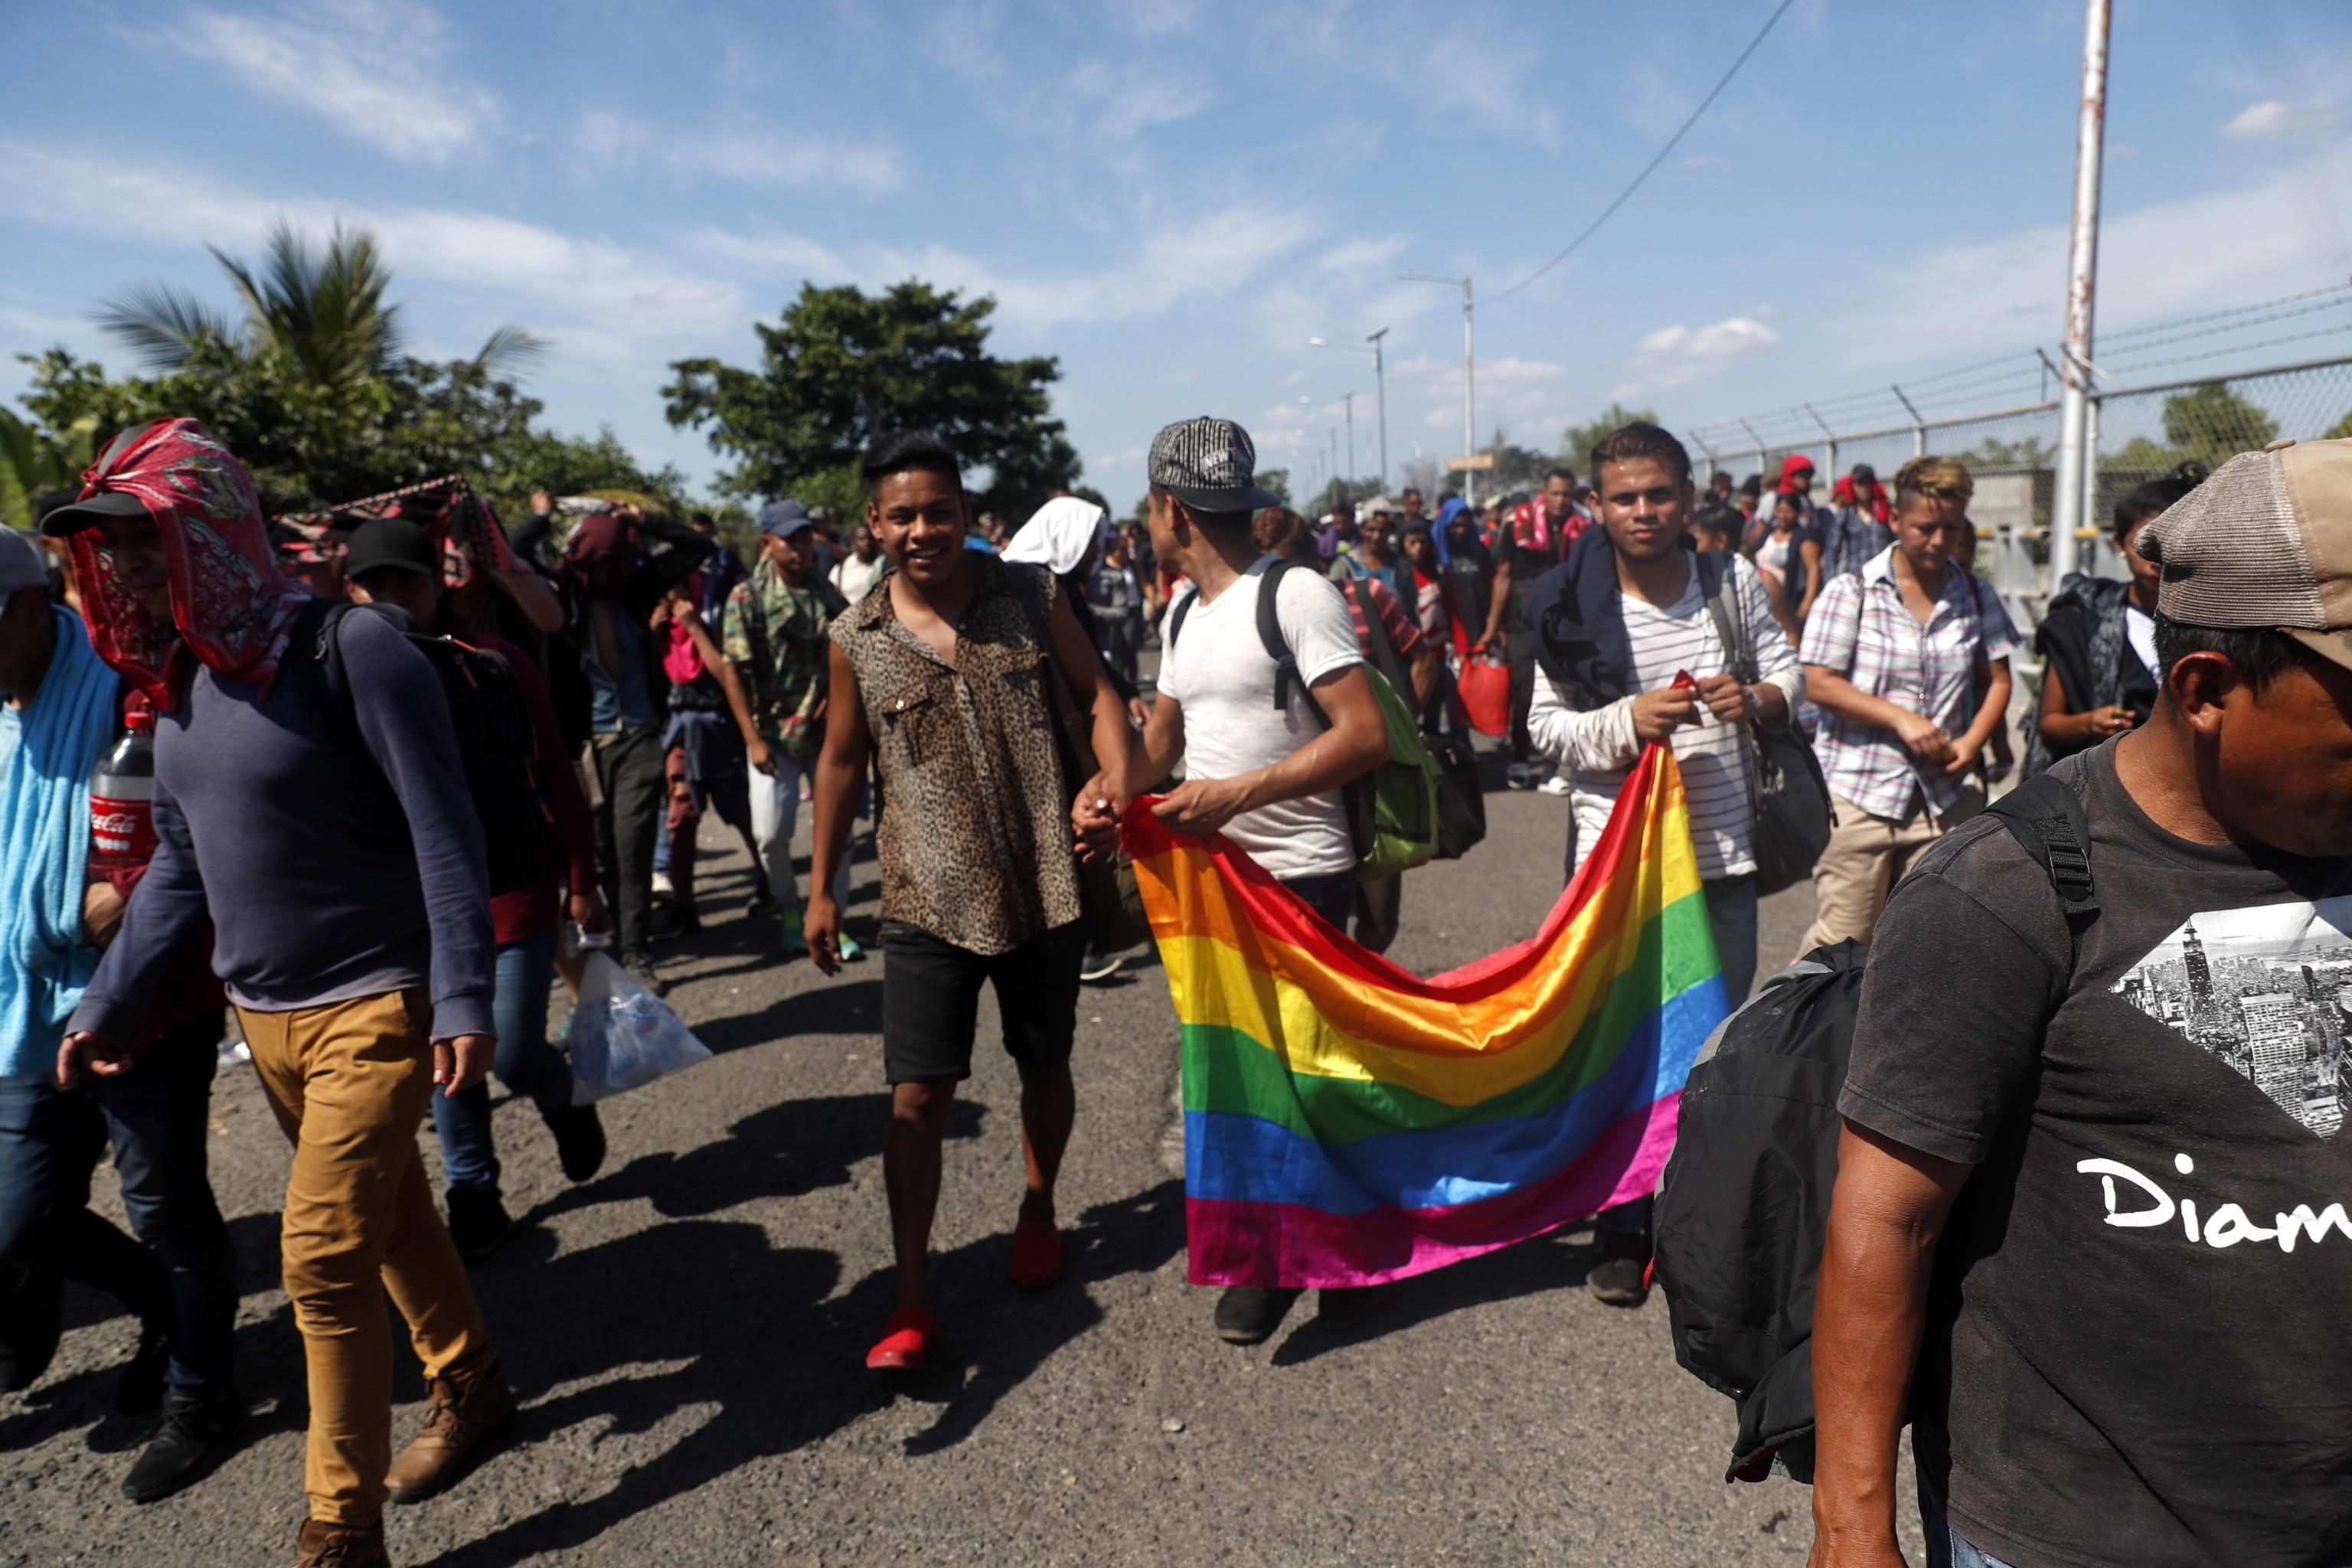 La carovana non ha ancora passato il confine perché attende l'arrivo di altri migranti